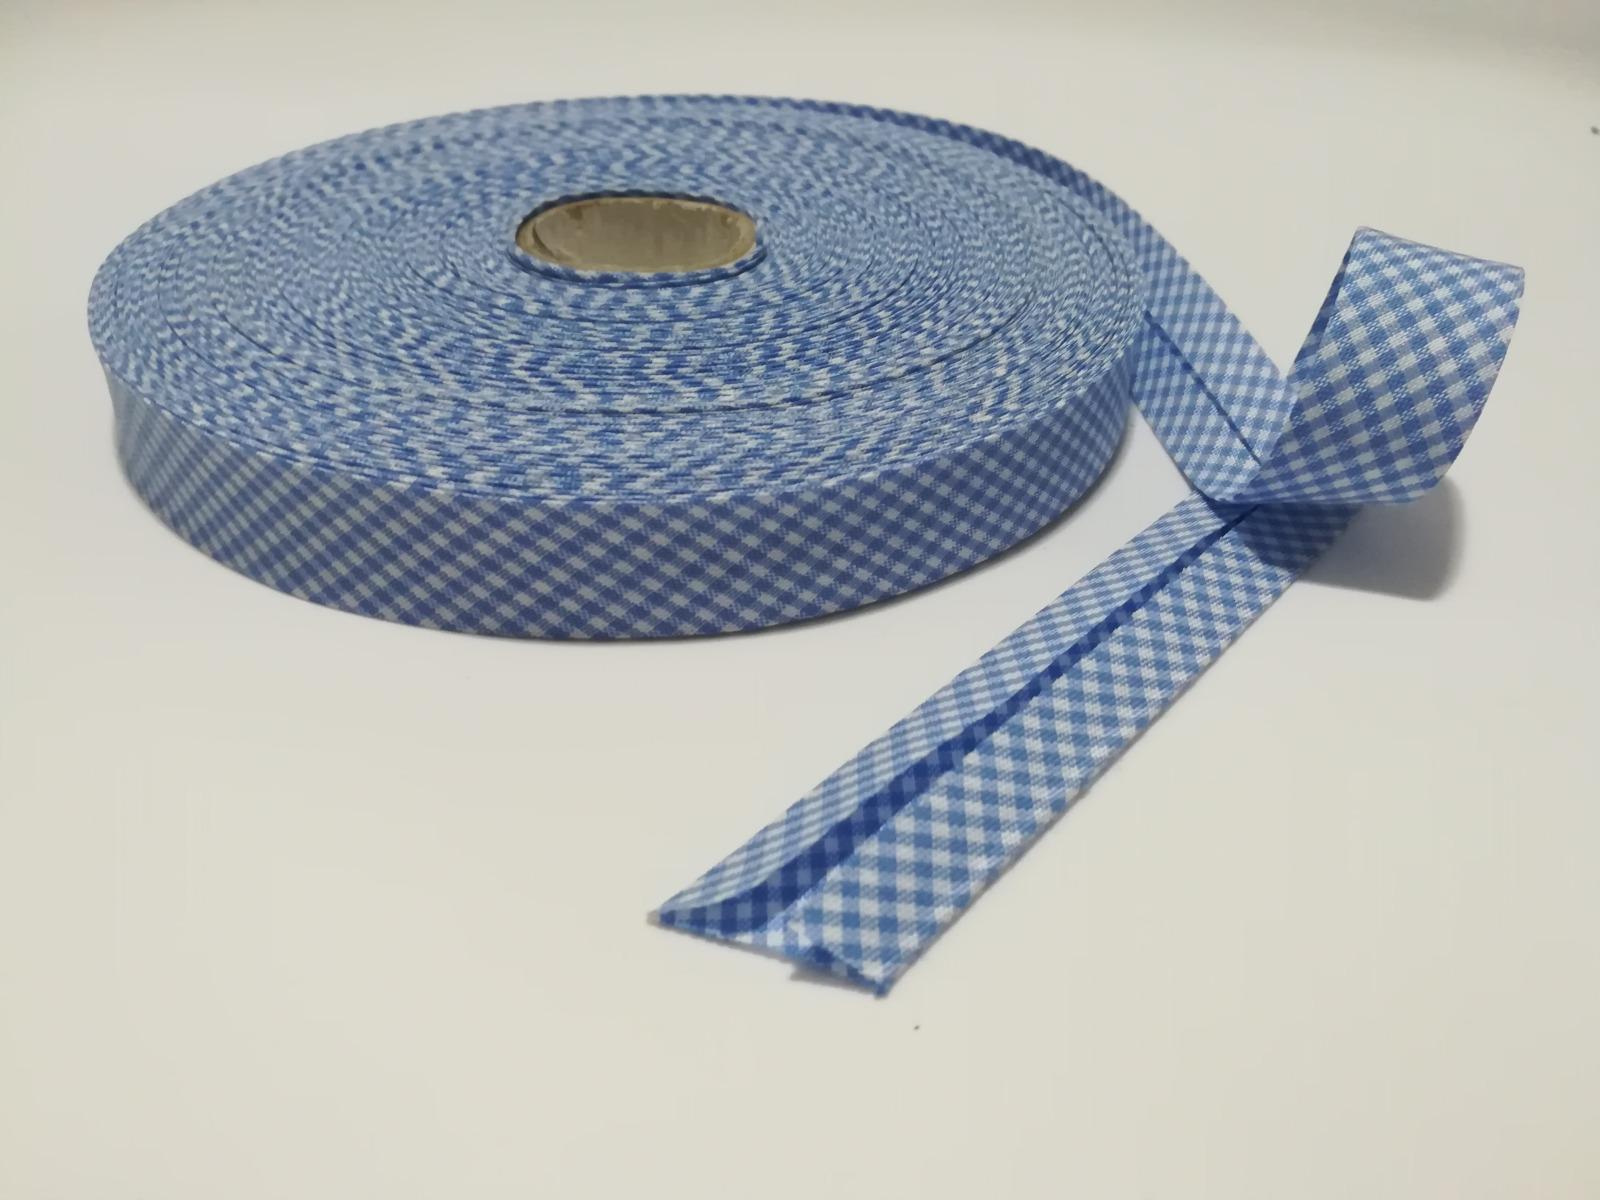 Schrägband 1 Meter hellblau-weiß kariert